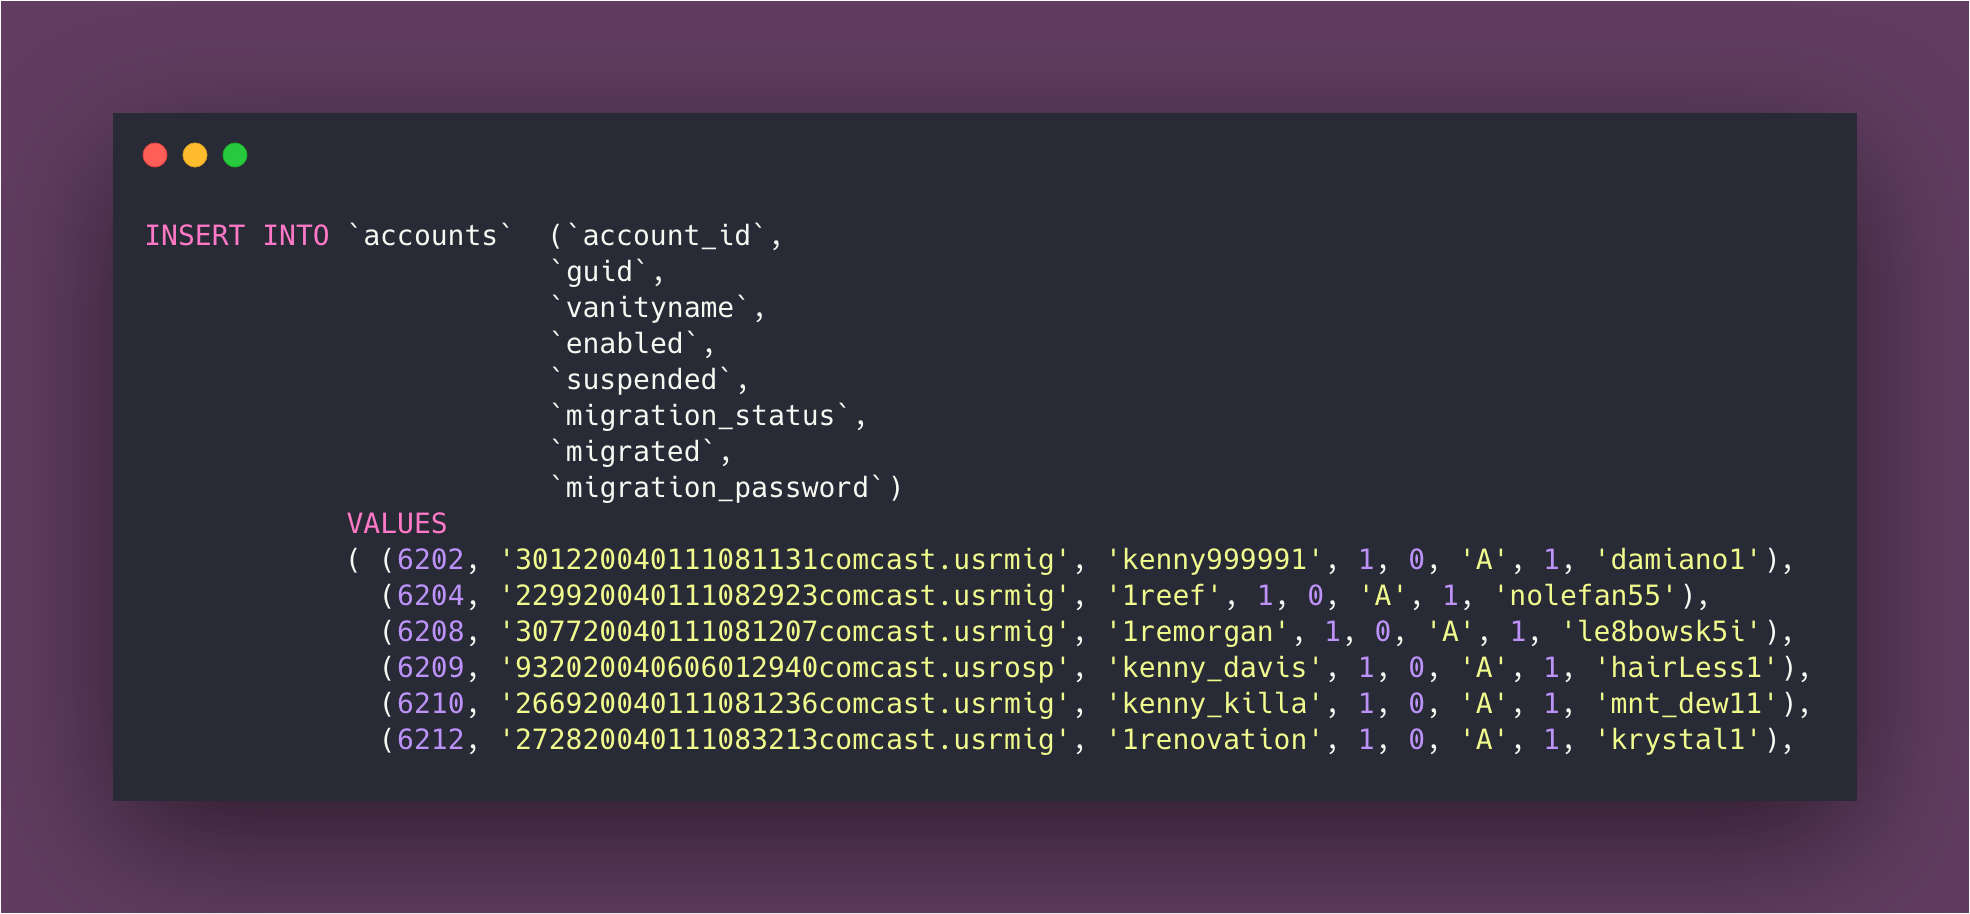 hacks_comcast-user-info.png